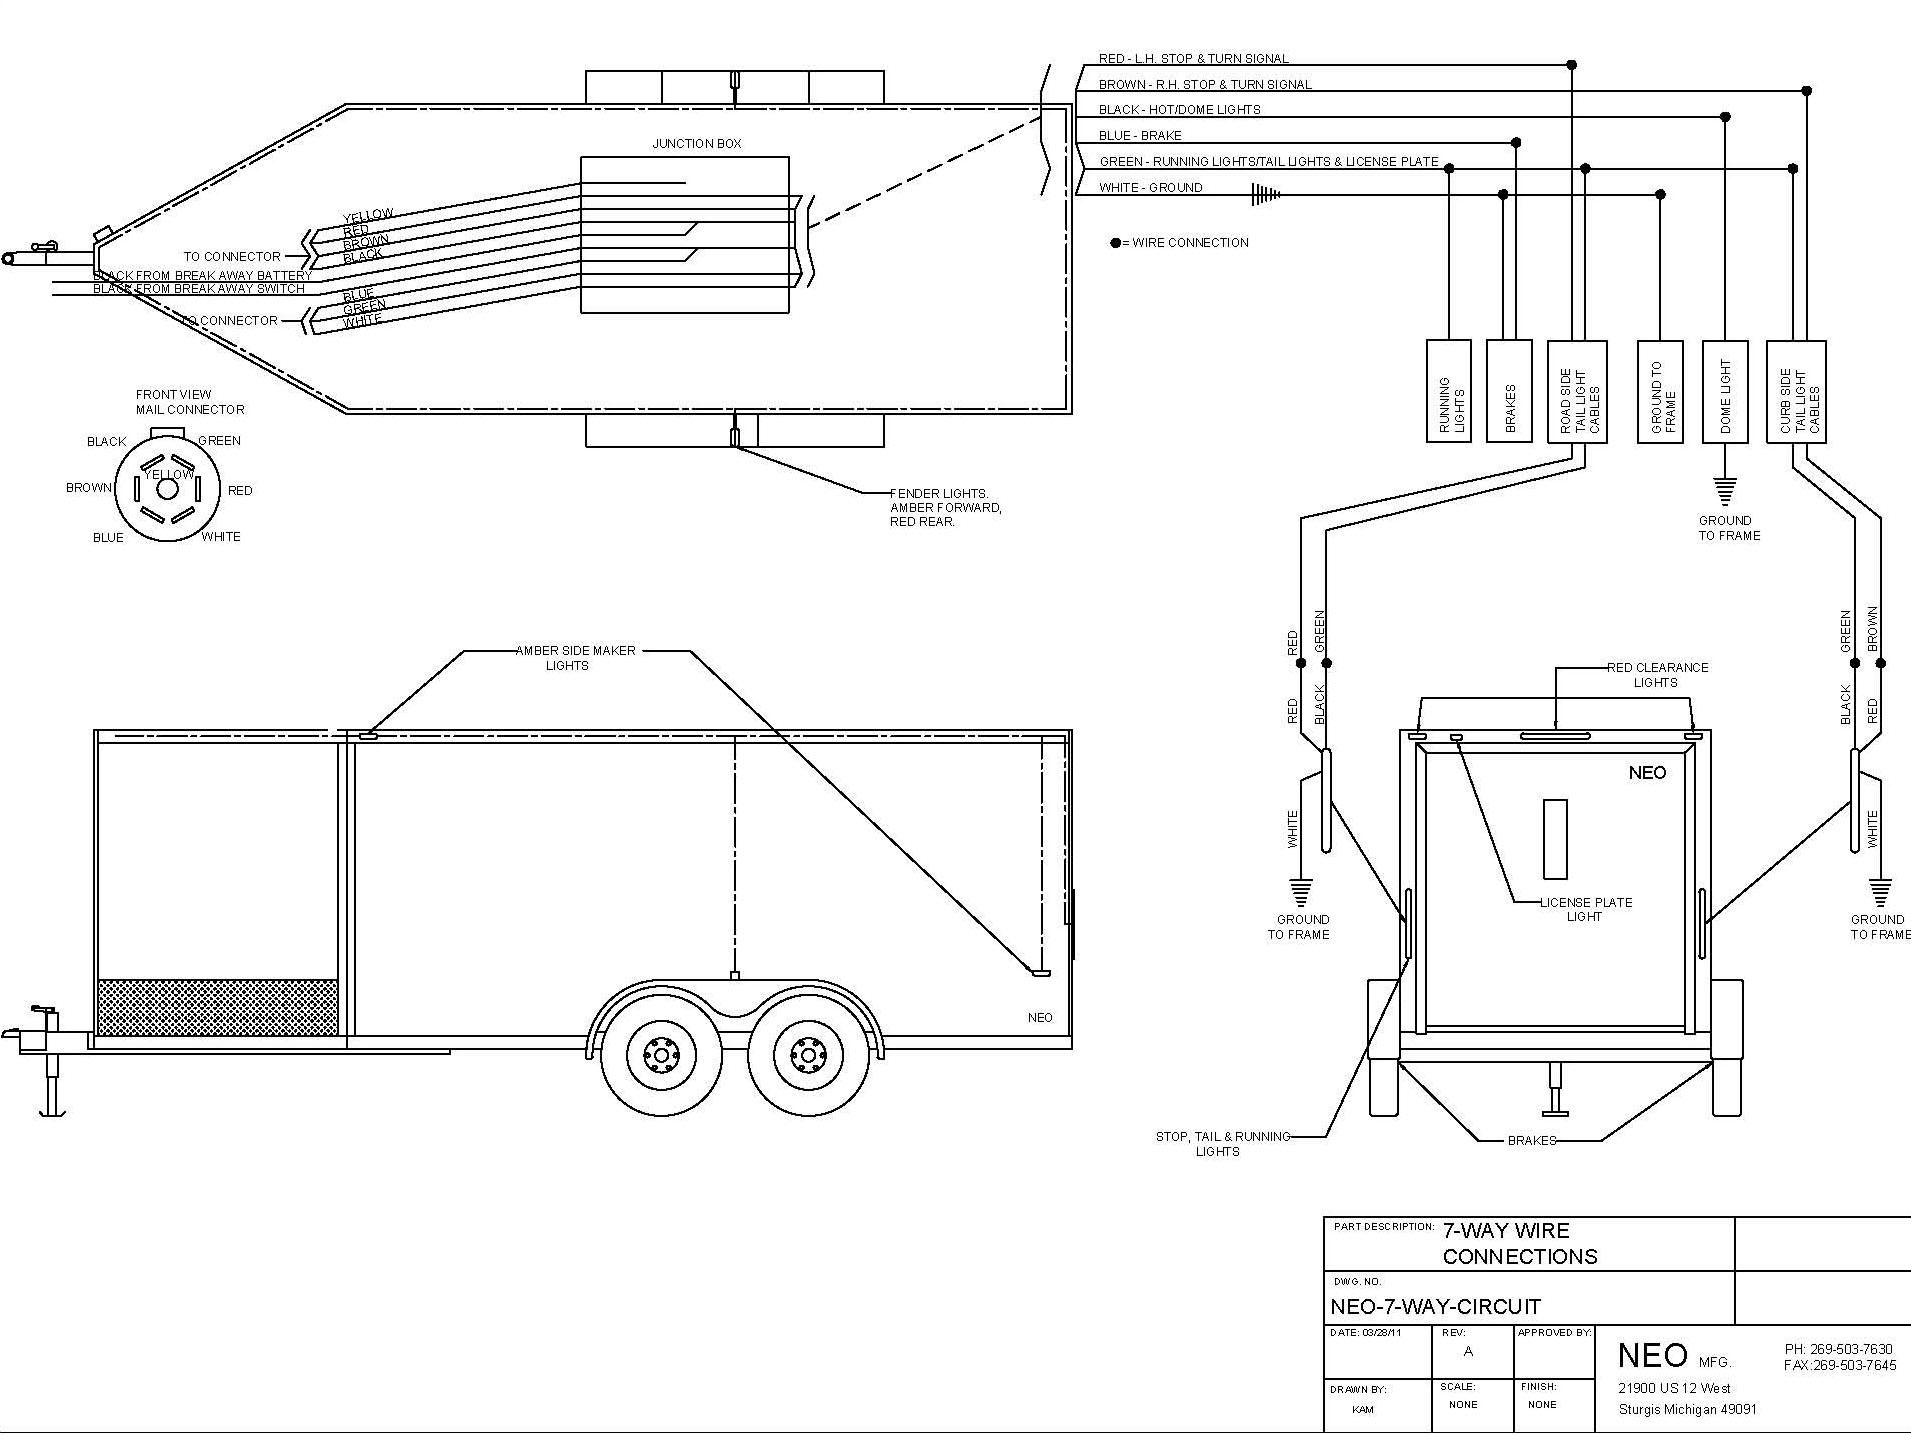 2001 Kz1000 Wiring Diagram Electrical Diagrams 1980 Kawasaki Source 78 400b 1977 K Z 650